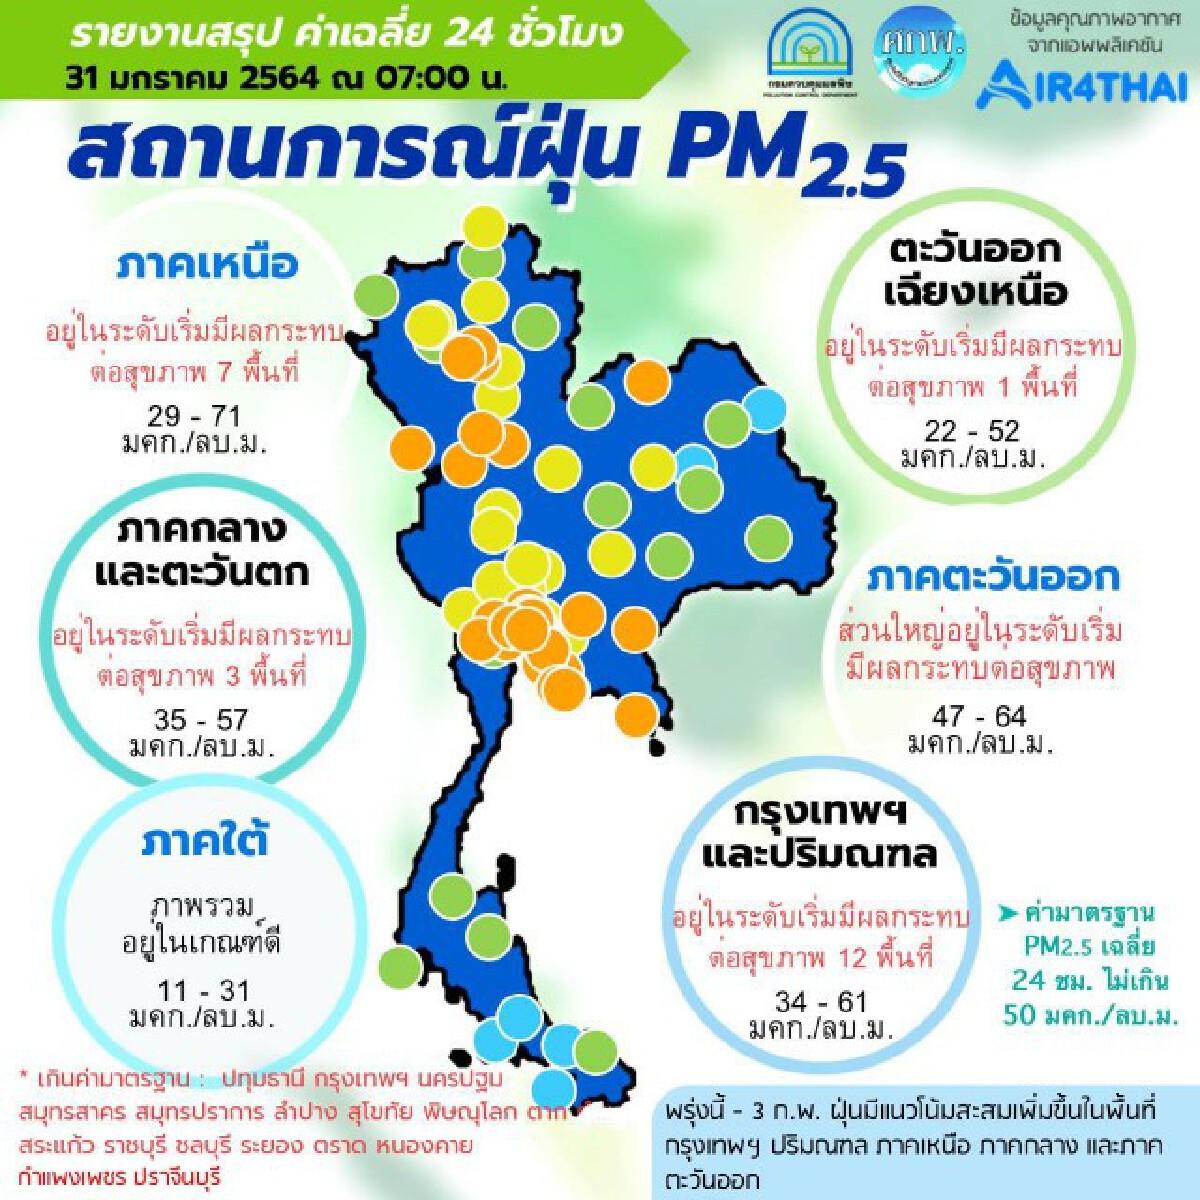 PM 2.5 เกินค่ามาตรฐาน 17 จังหวัด กทม.-ปริมณฑล เกิน 12 พื้นที่